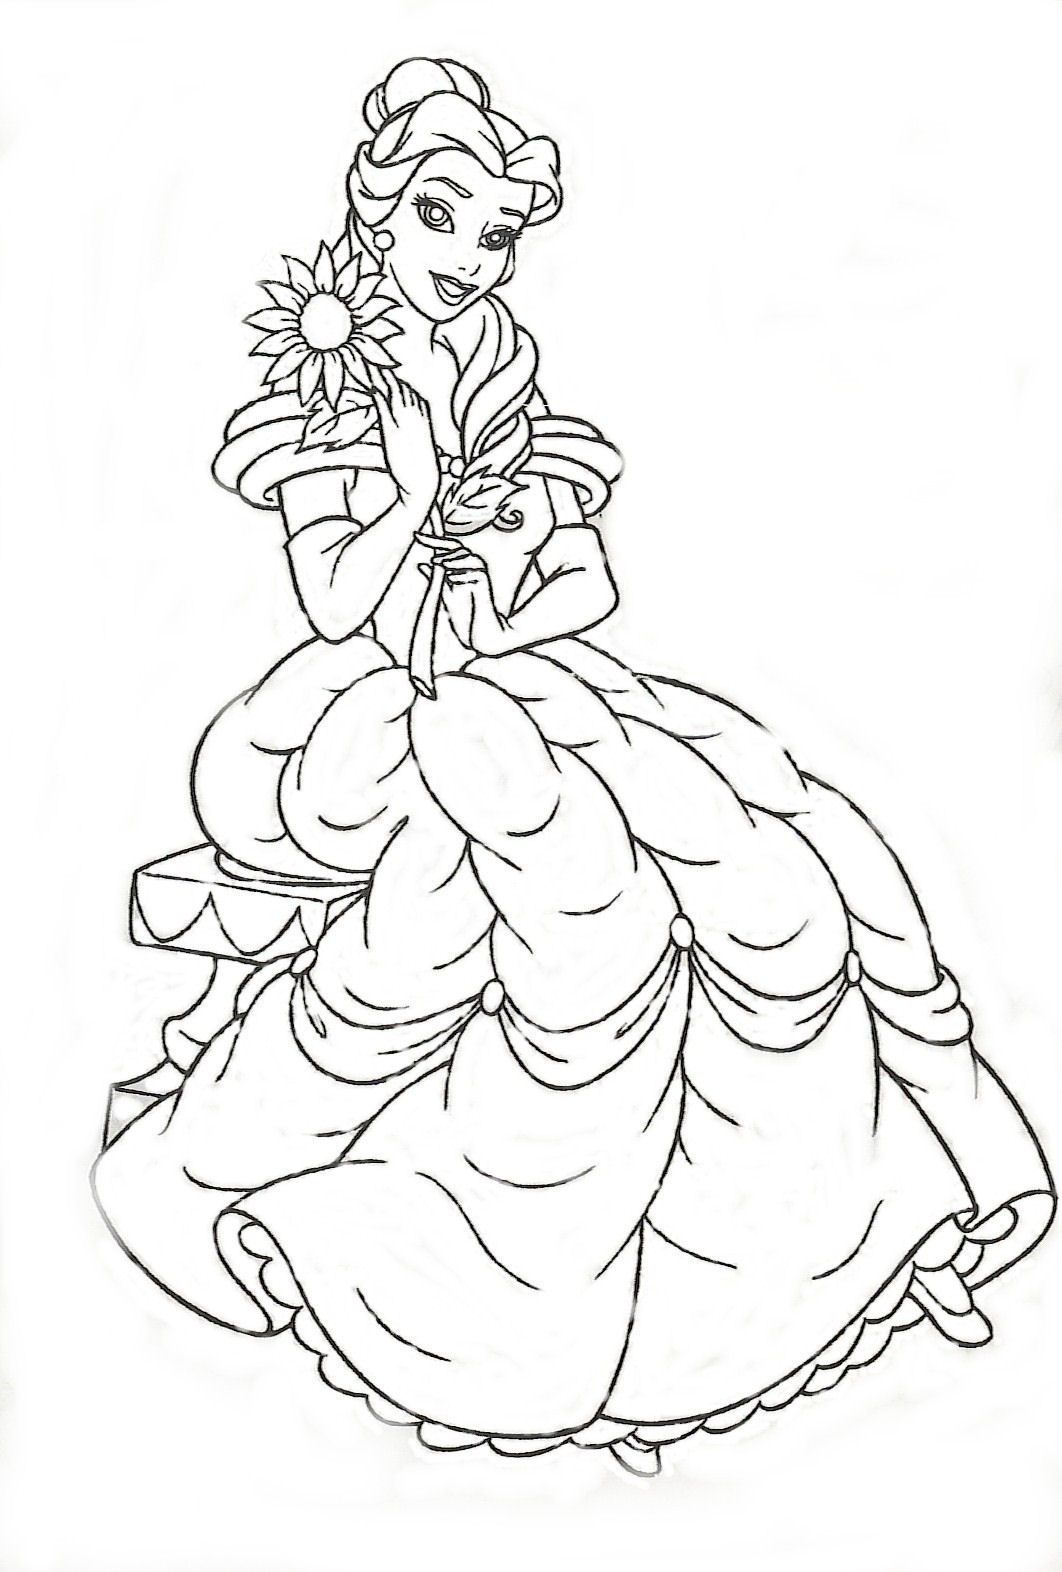 Dibujos para Colorear de Princesas | Mi Maestra de Primaria